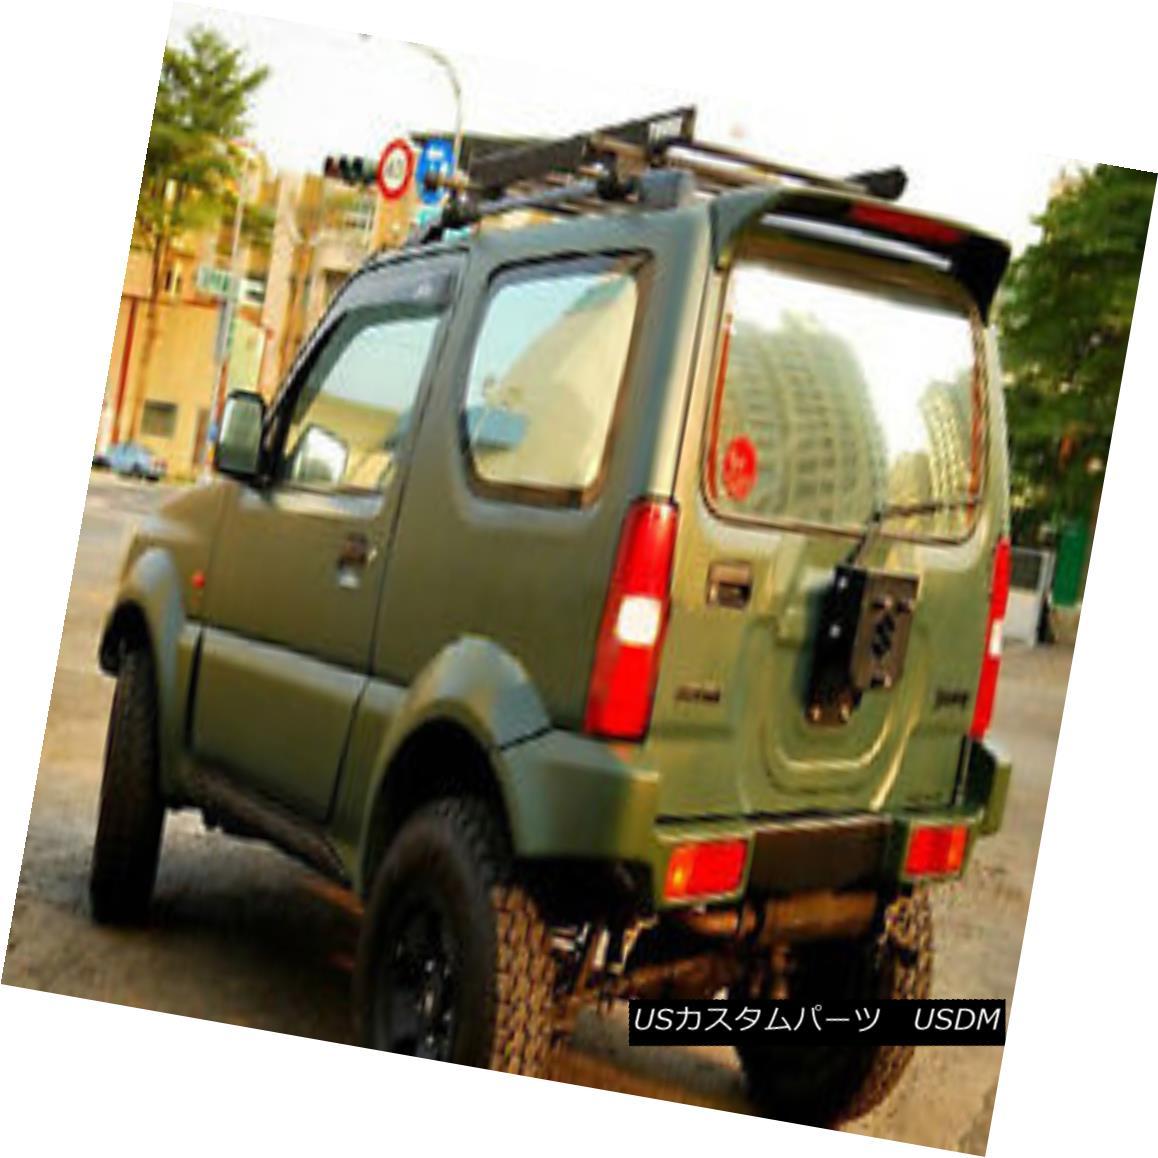 エアロパーツ JAS Style Rear Bumper Kit For Suzuki Jimny JB23 JB33 JB43 JB53 FRP Fiber スズキジムニー用JASスタイルリアバンパーキットJB23 JB33 JB43 JB53 FRPファイバー